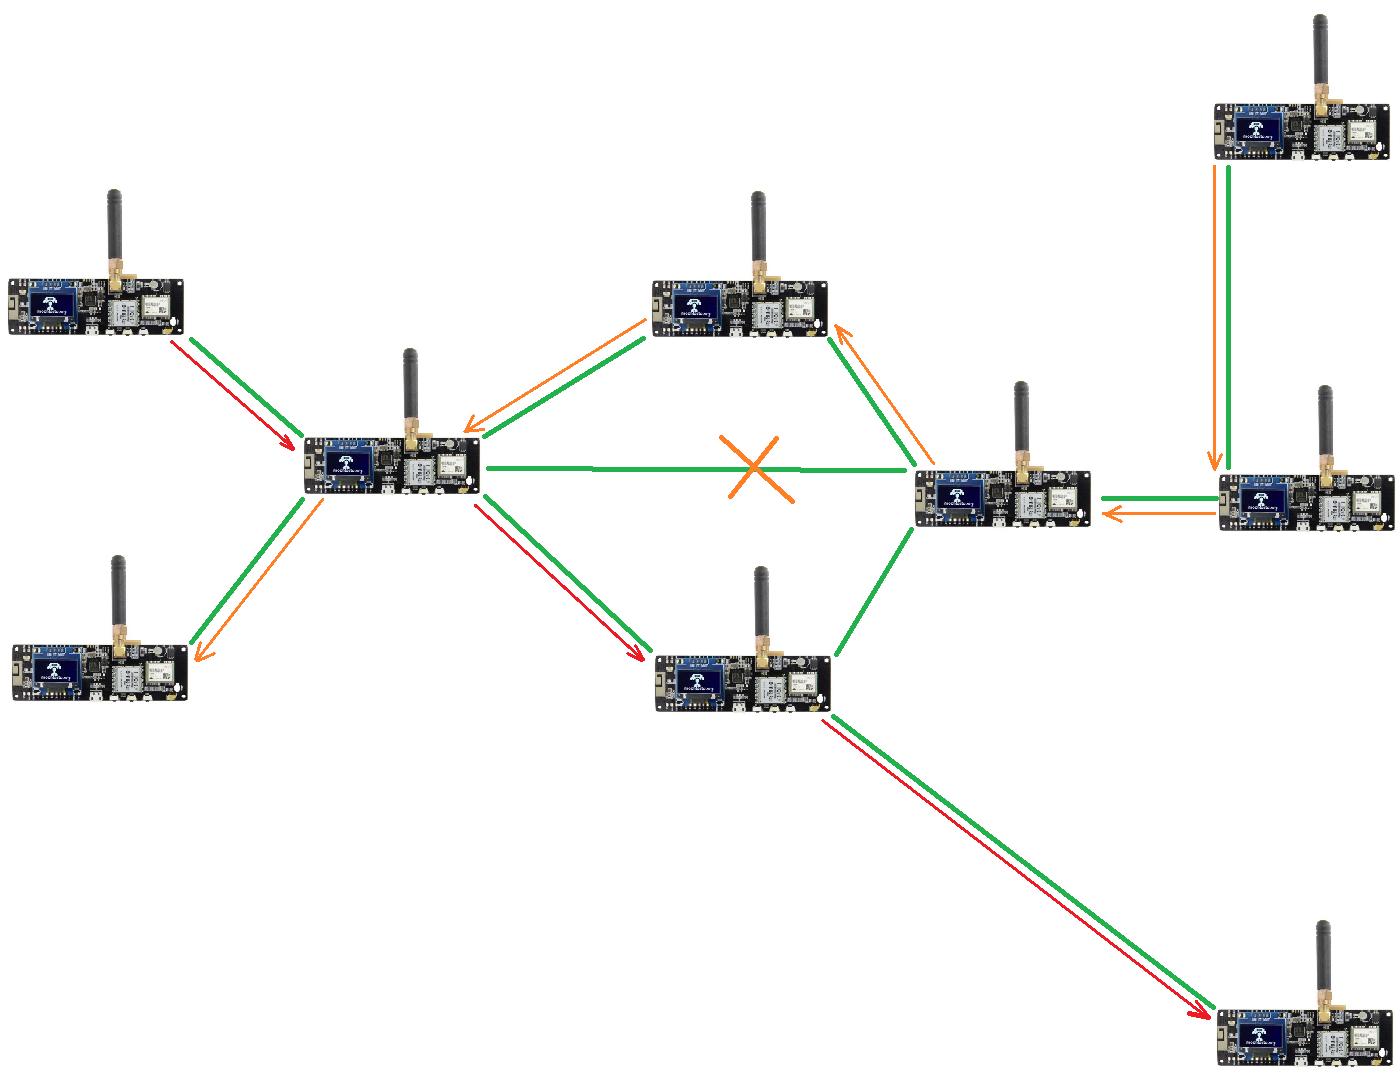 Рис. 1 Связь между радиомодемами внутри локальной группы